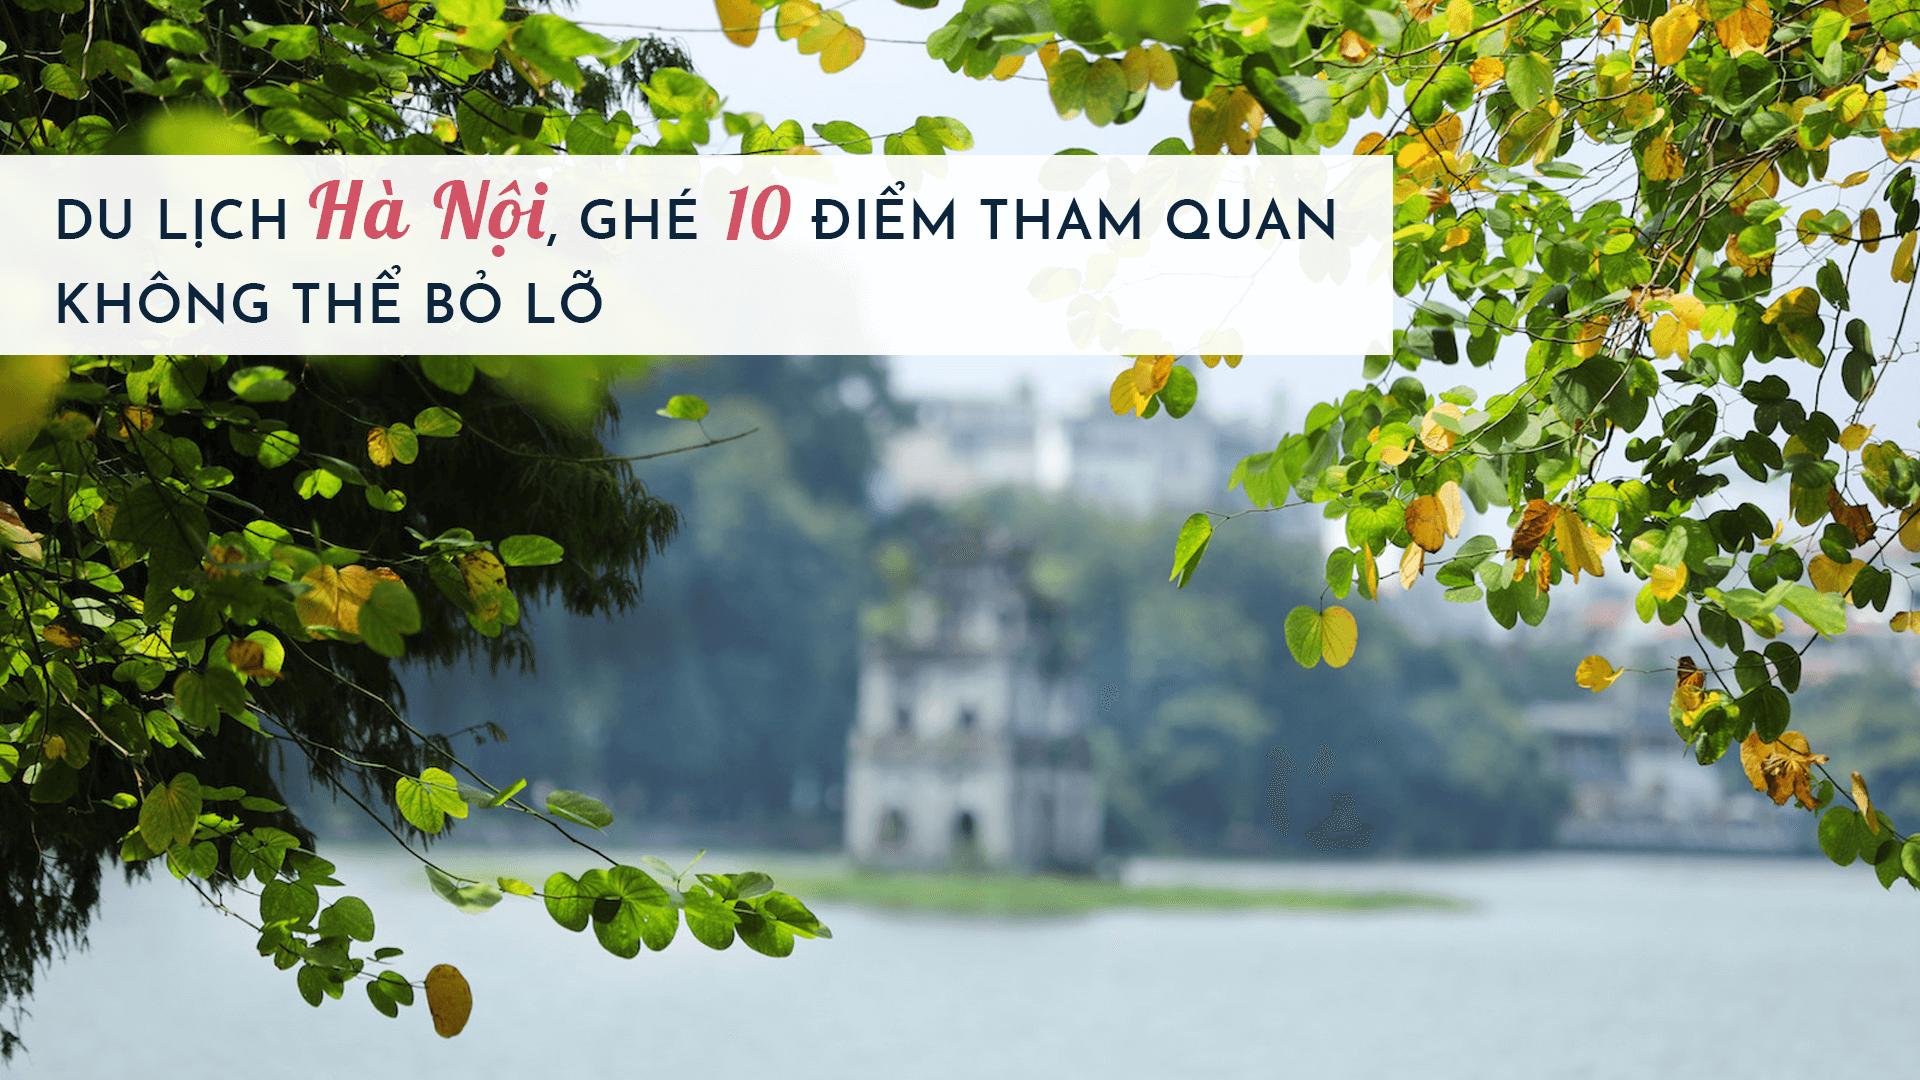 Du lịch Hà Nội, ghé 10 điểm tham quan không thể bỏ lỡ